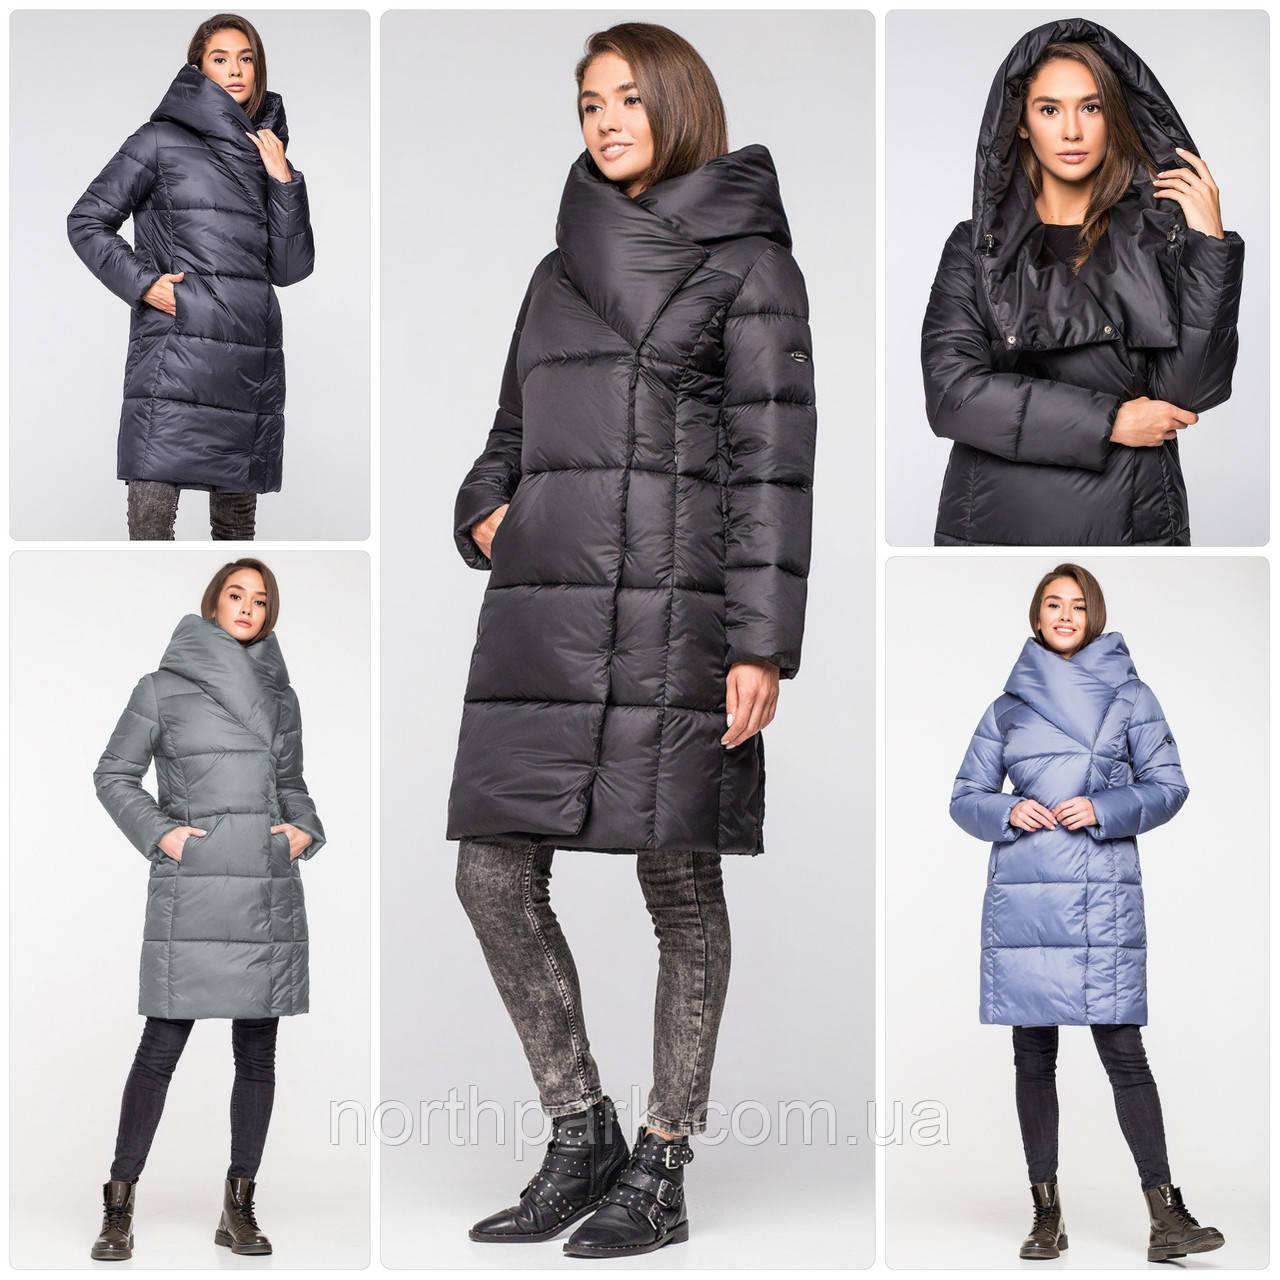 Довга зимова куртка ковдра KTL з об'ємним коміром